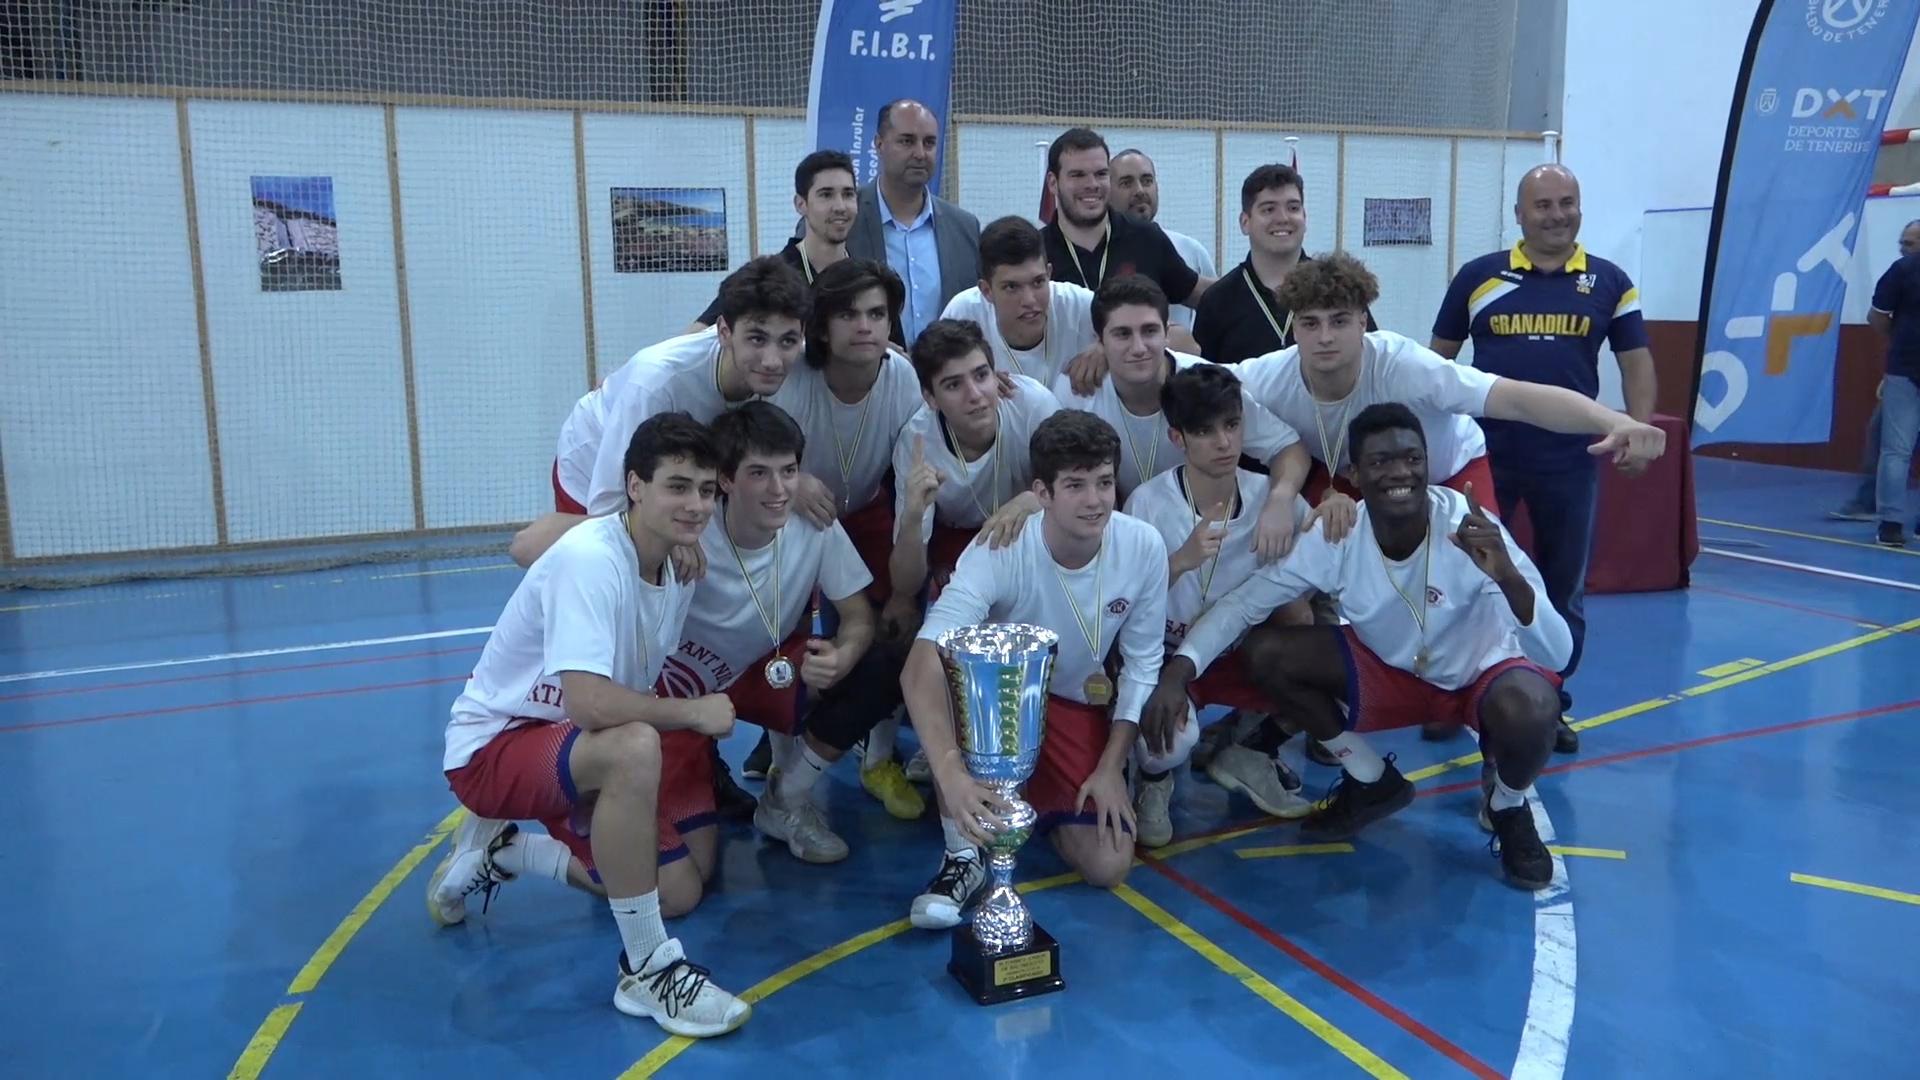 San Nicolau Kyria e Iberostar Tenerife, primero y segundo puesto en el III Torneo Nacional de Baloncesto Junior